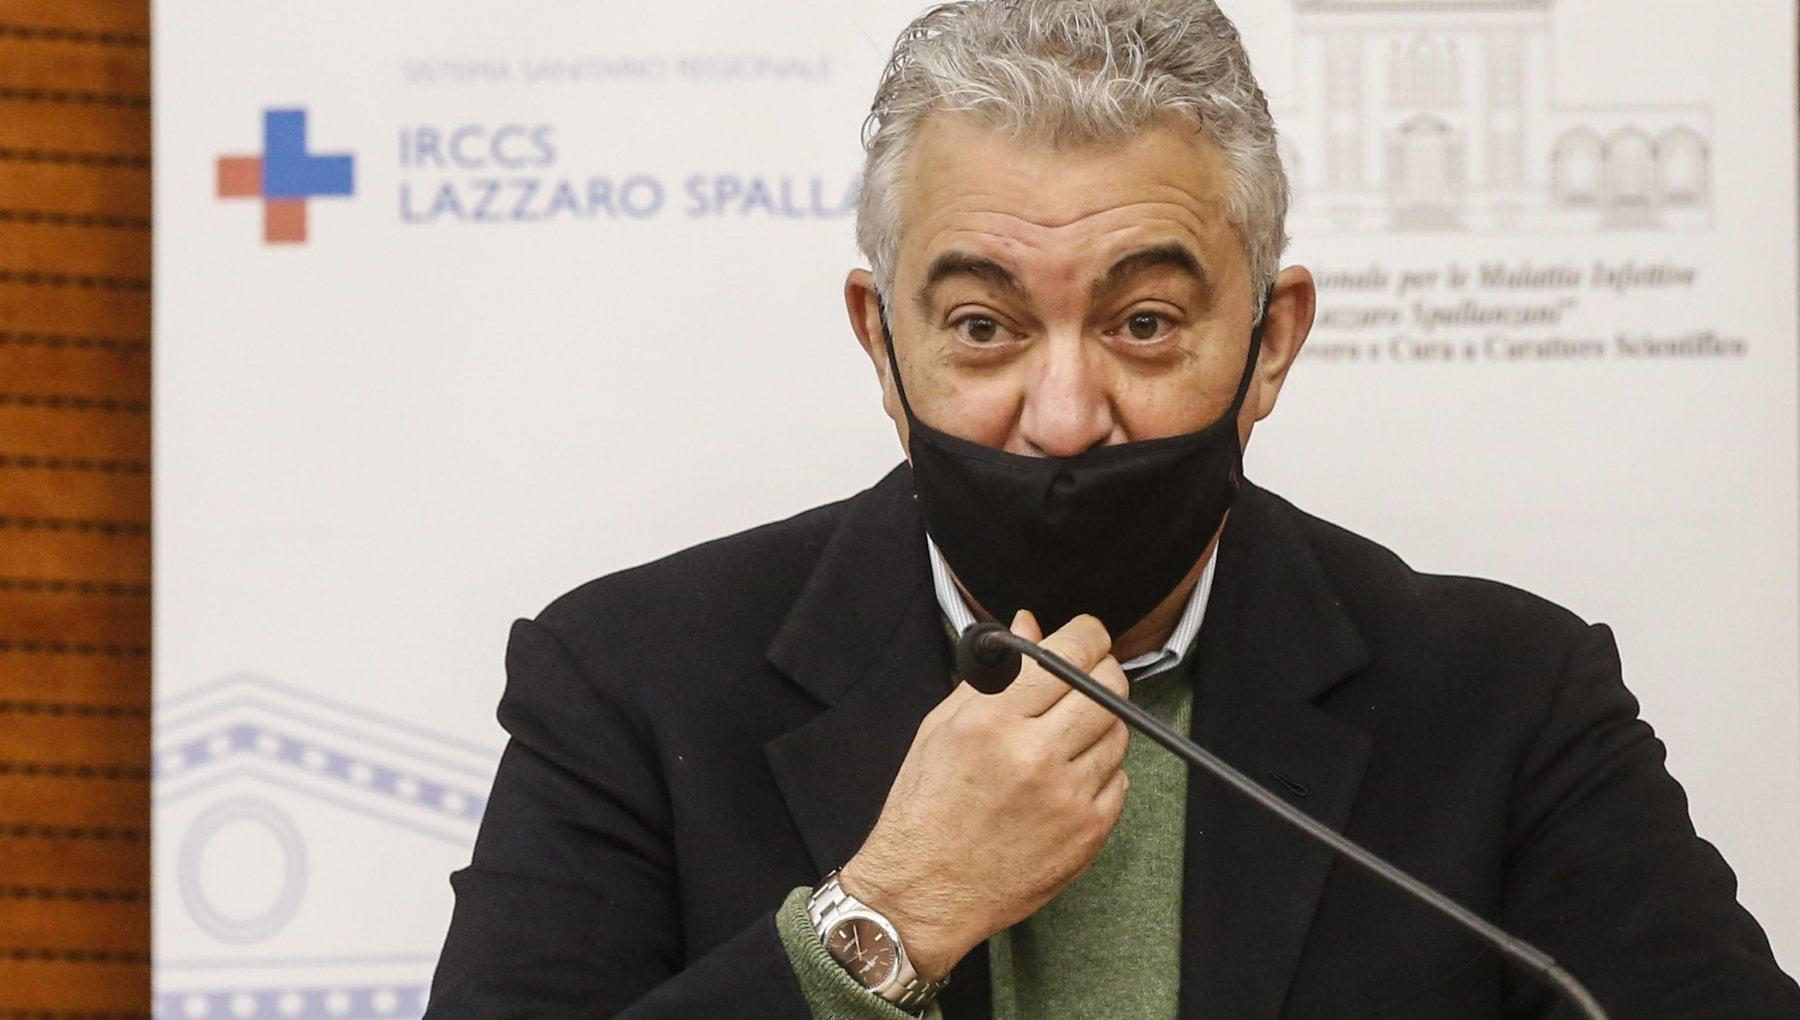 Derby il commissario Arcuri Spero che vinca la Roma. Ed e subito polemica. Lotito Battuta infelice e contesto sbagliato